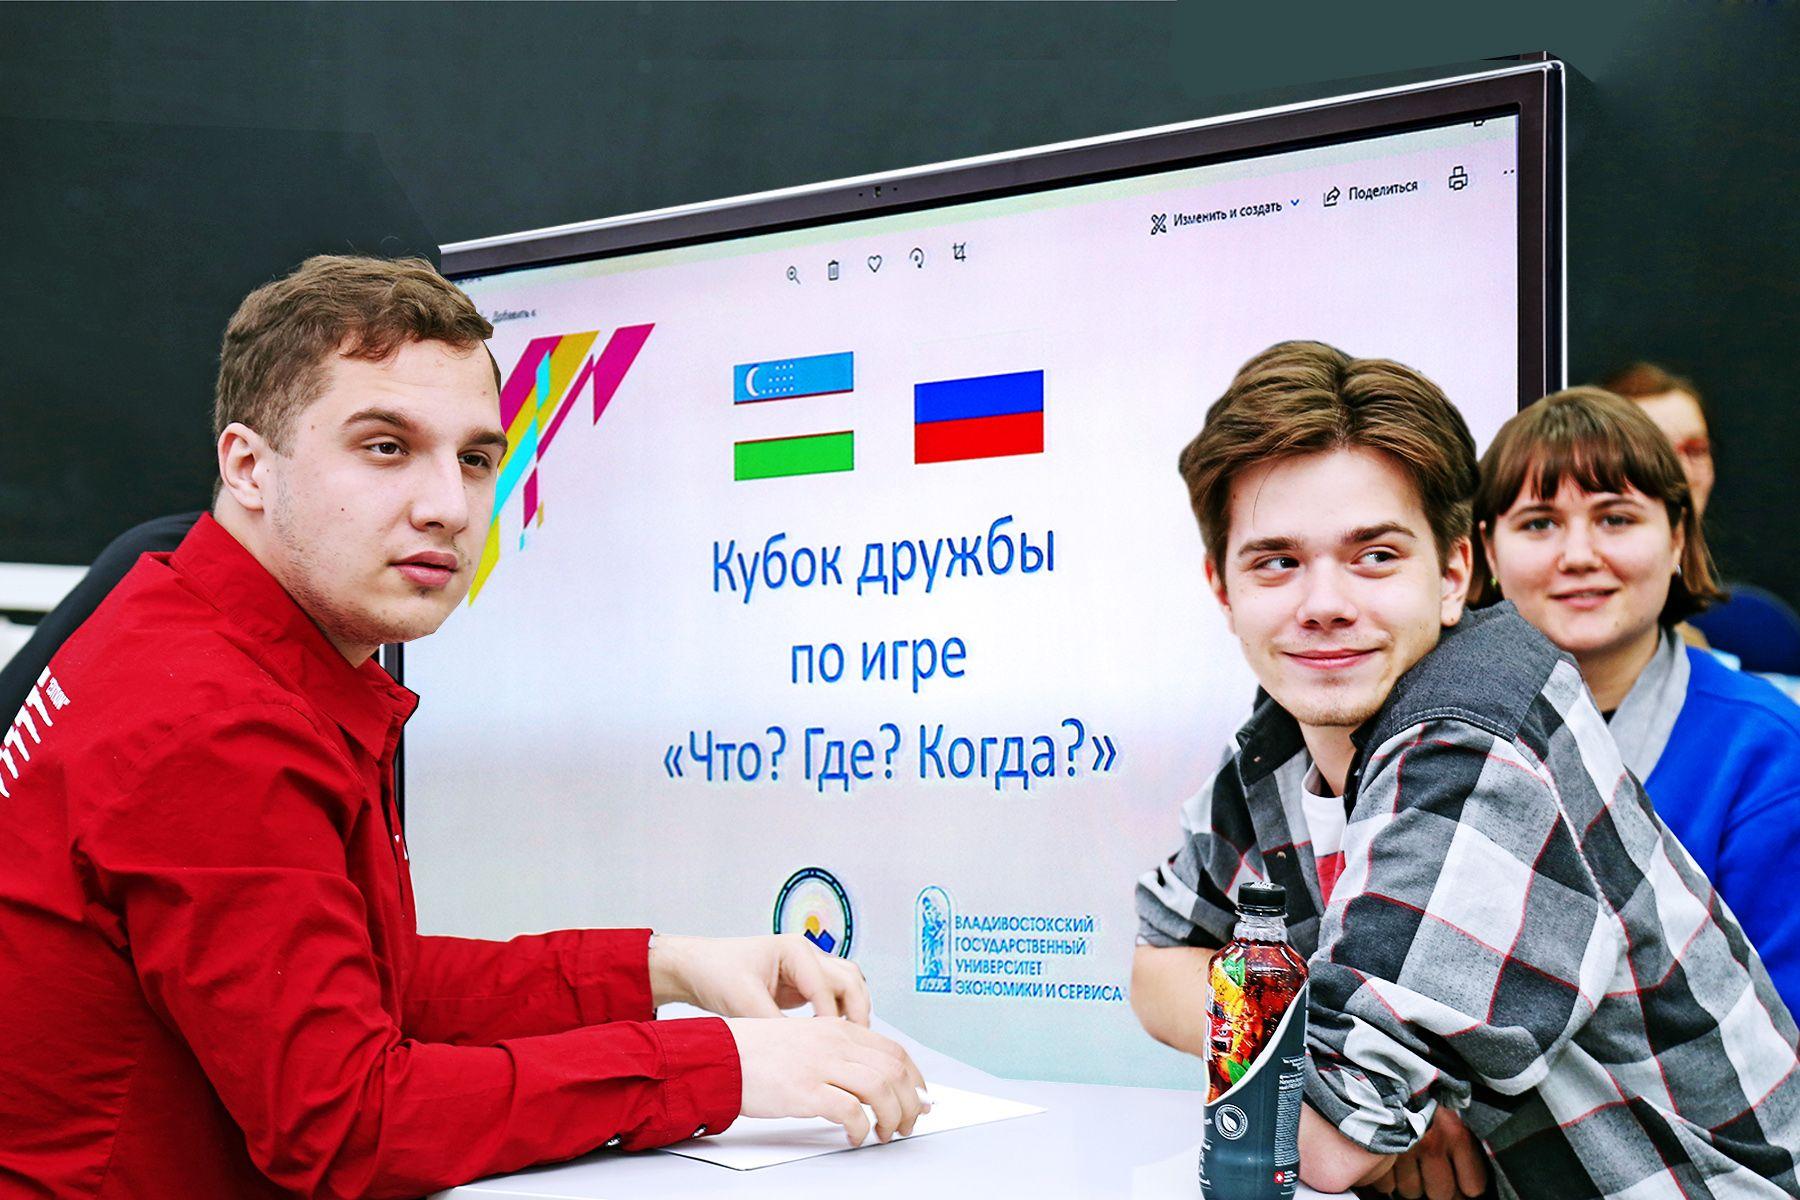 «Что? Где? Когда?» международная: студенты ВГУЭС vs студенты Ташкентского государственного университета востоковедения